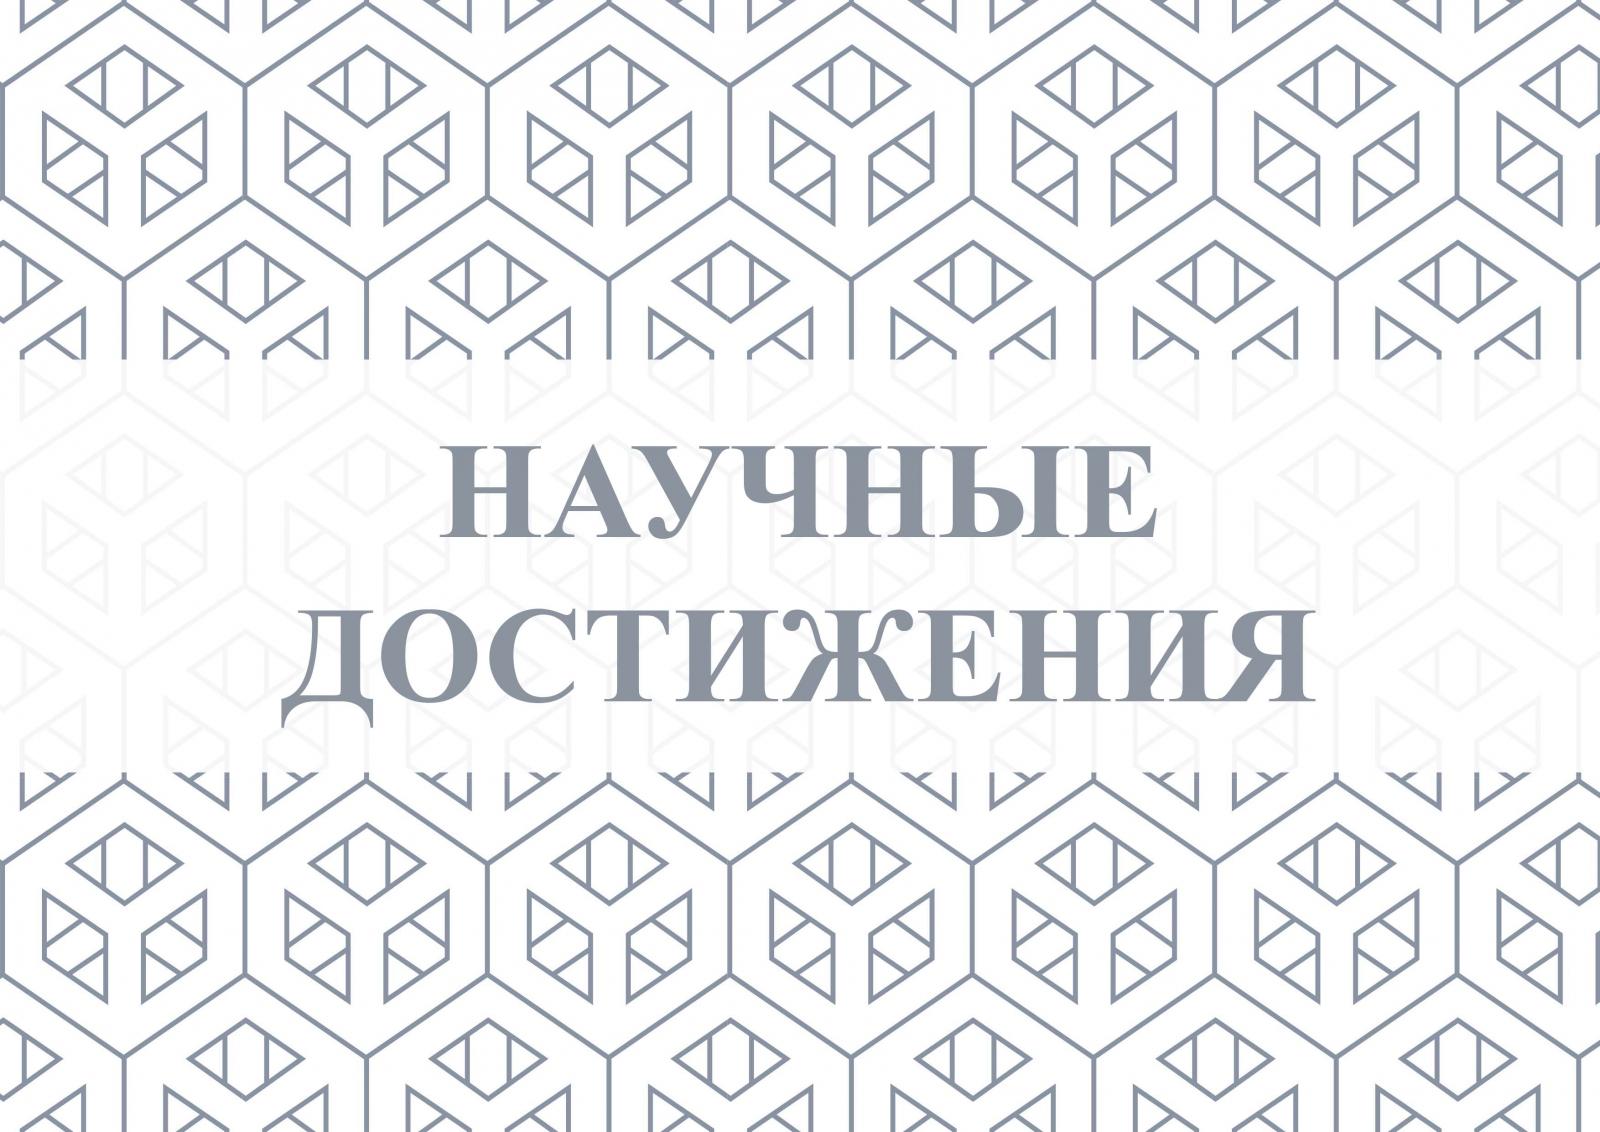 Приказ Министерства образования и науки РФ о выдаче диплома кандидата технических наук выпускникам ИММиТ